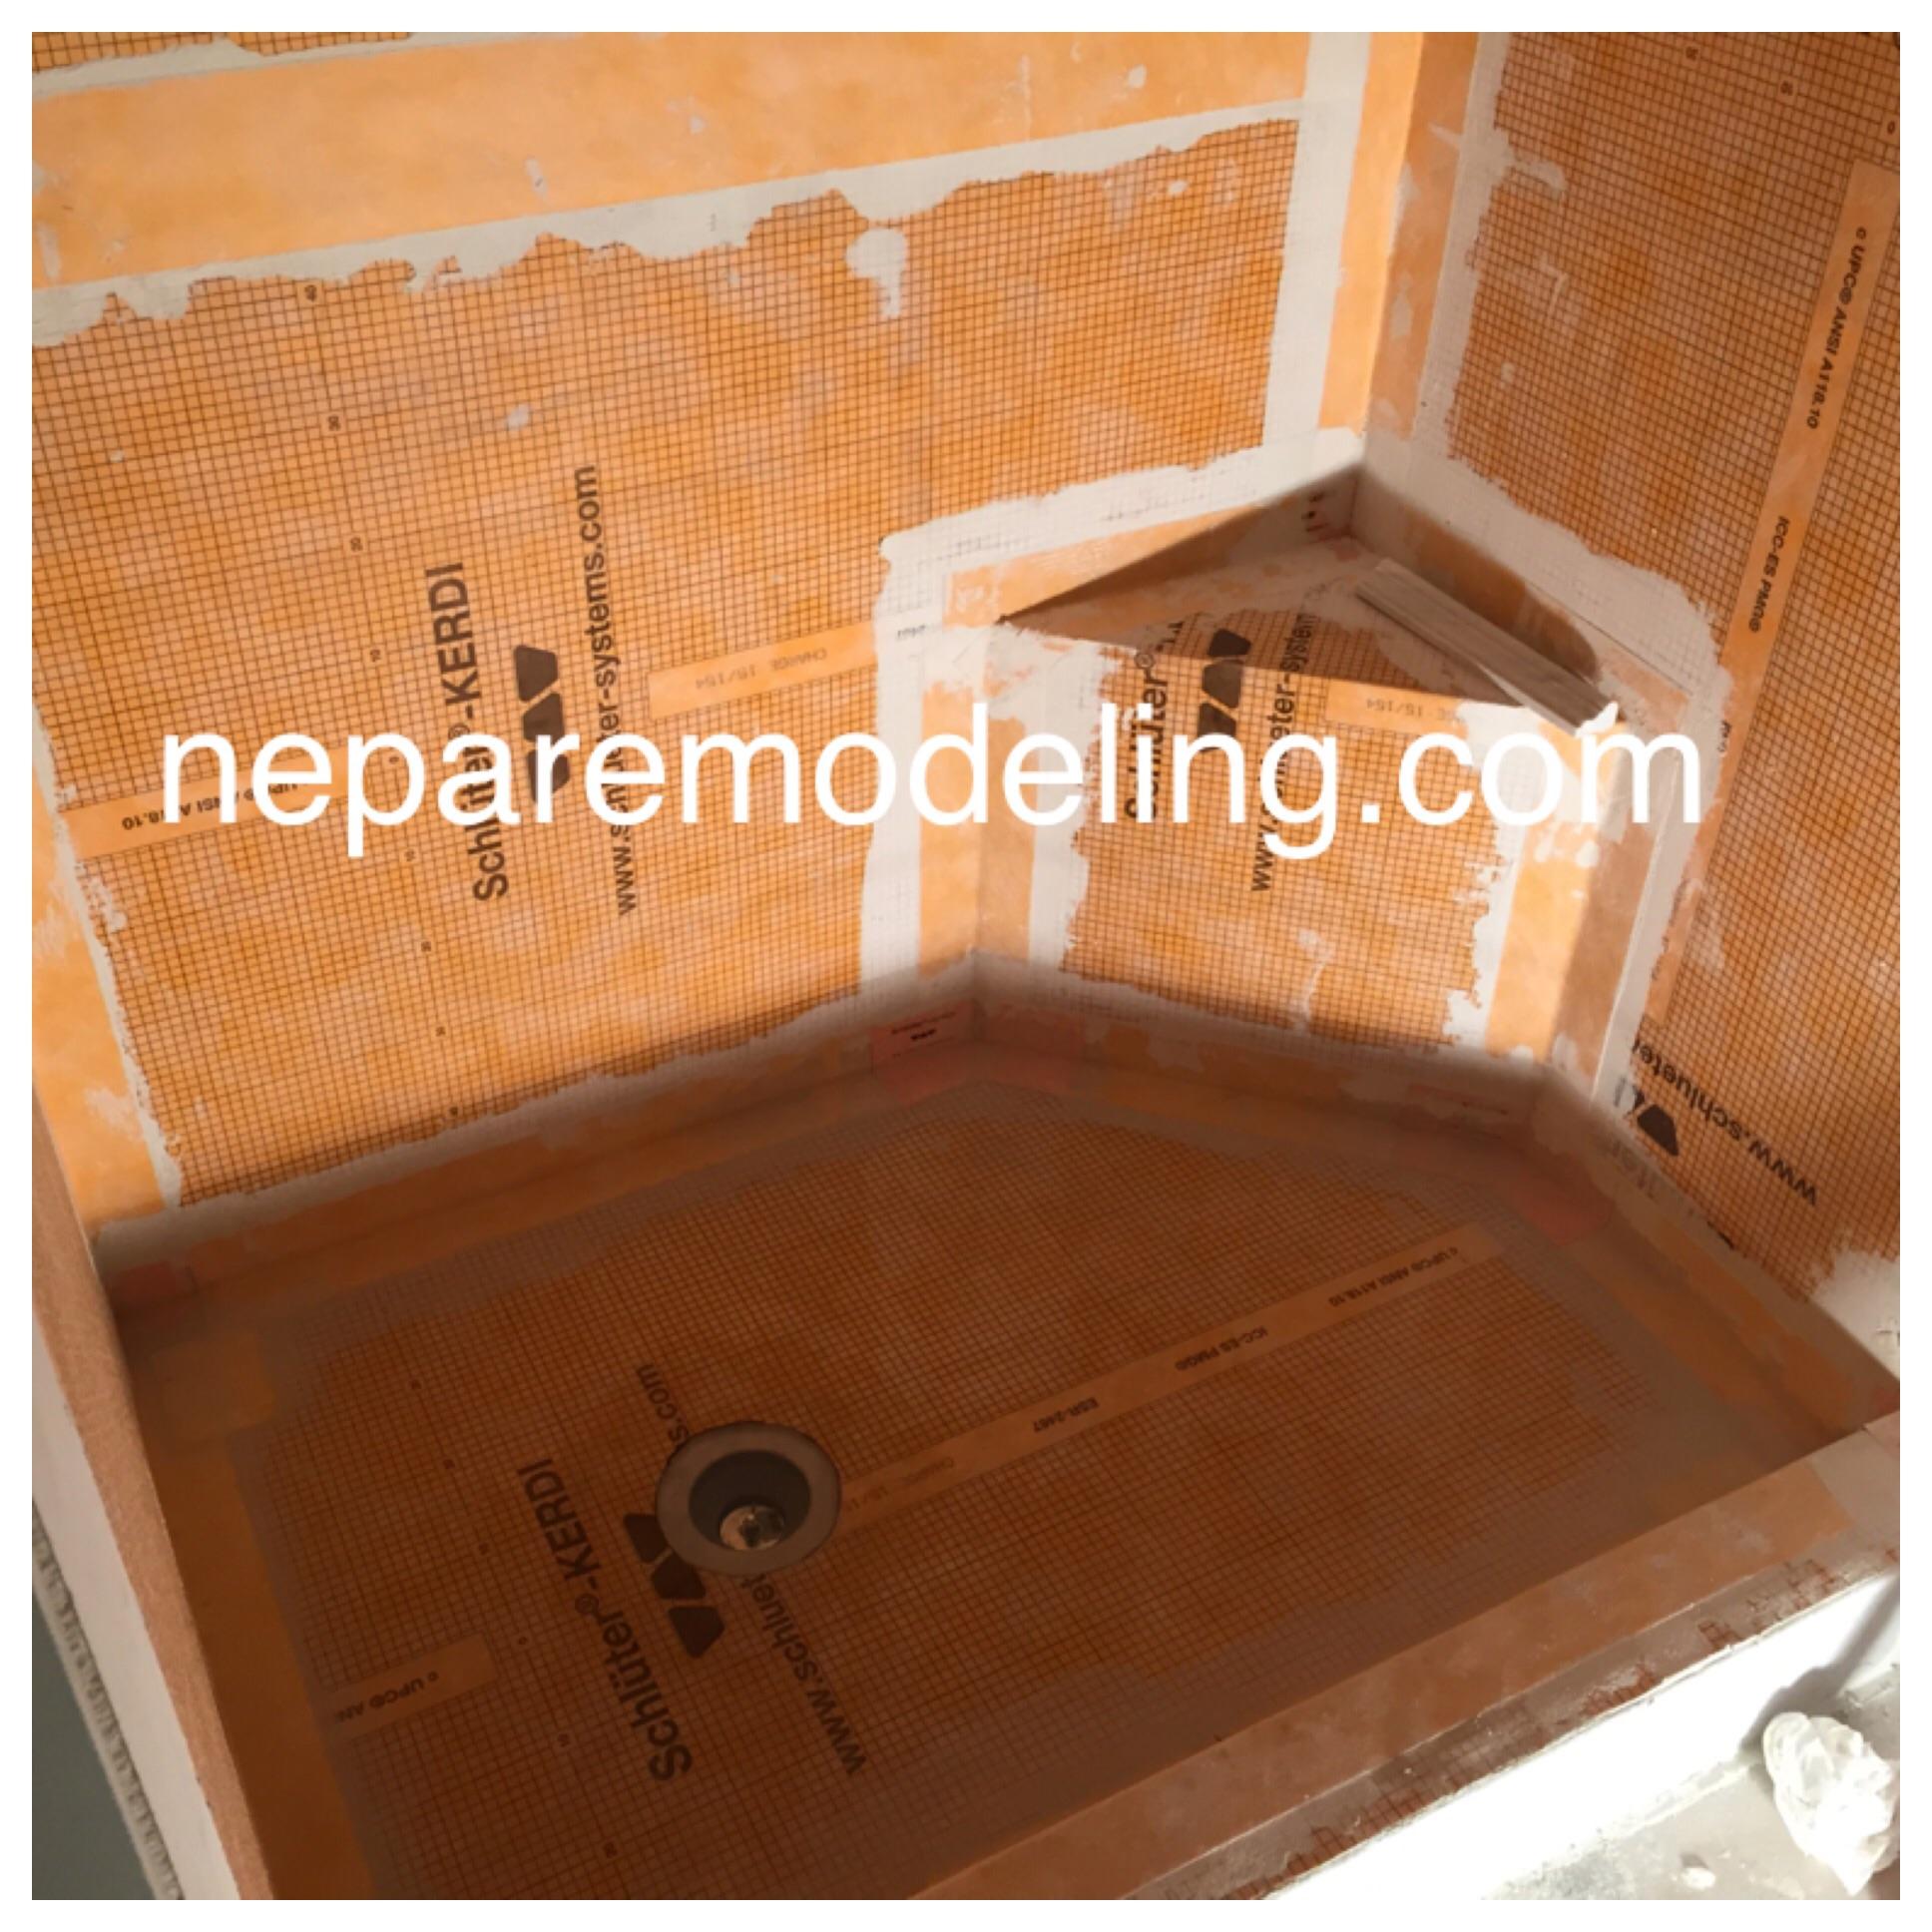 Waterproof Kerdi Shower Ready For Tile